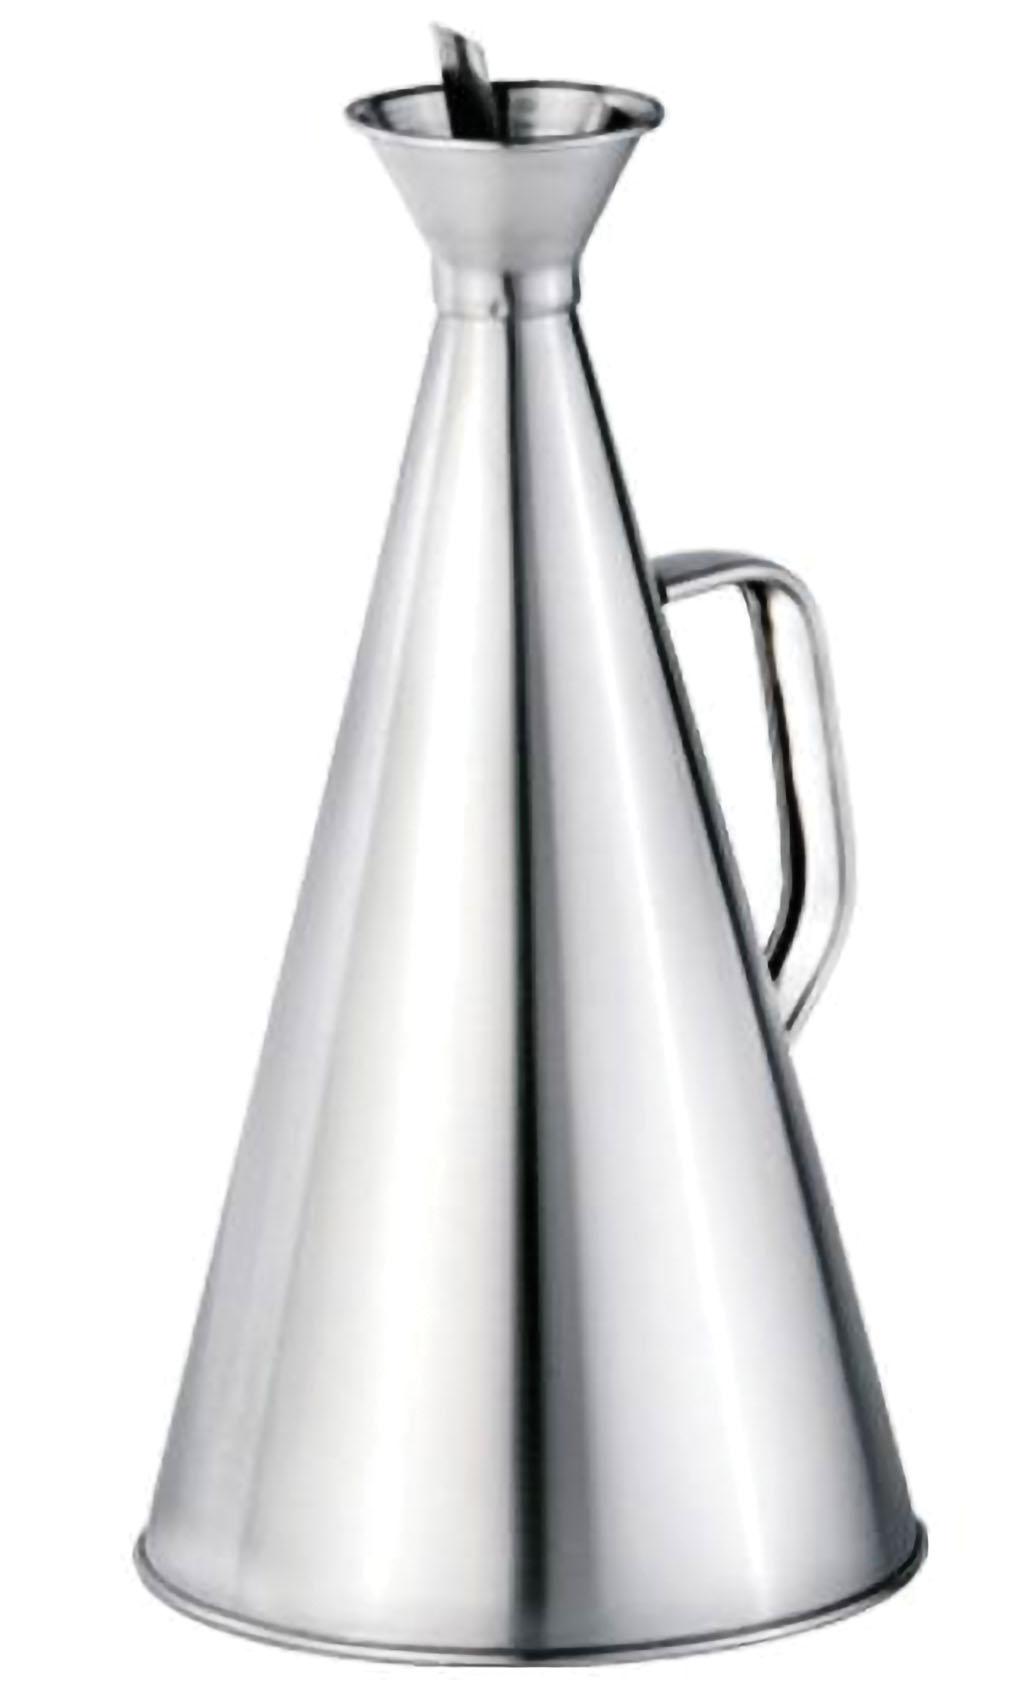 OLIERA INOX 18 10 LT  0 50